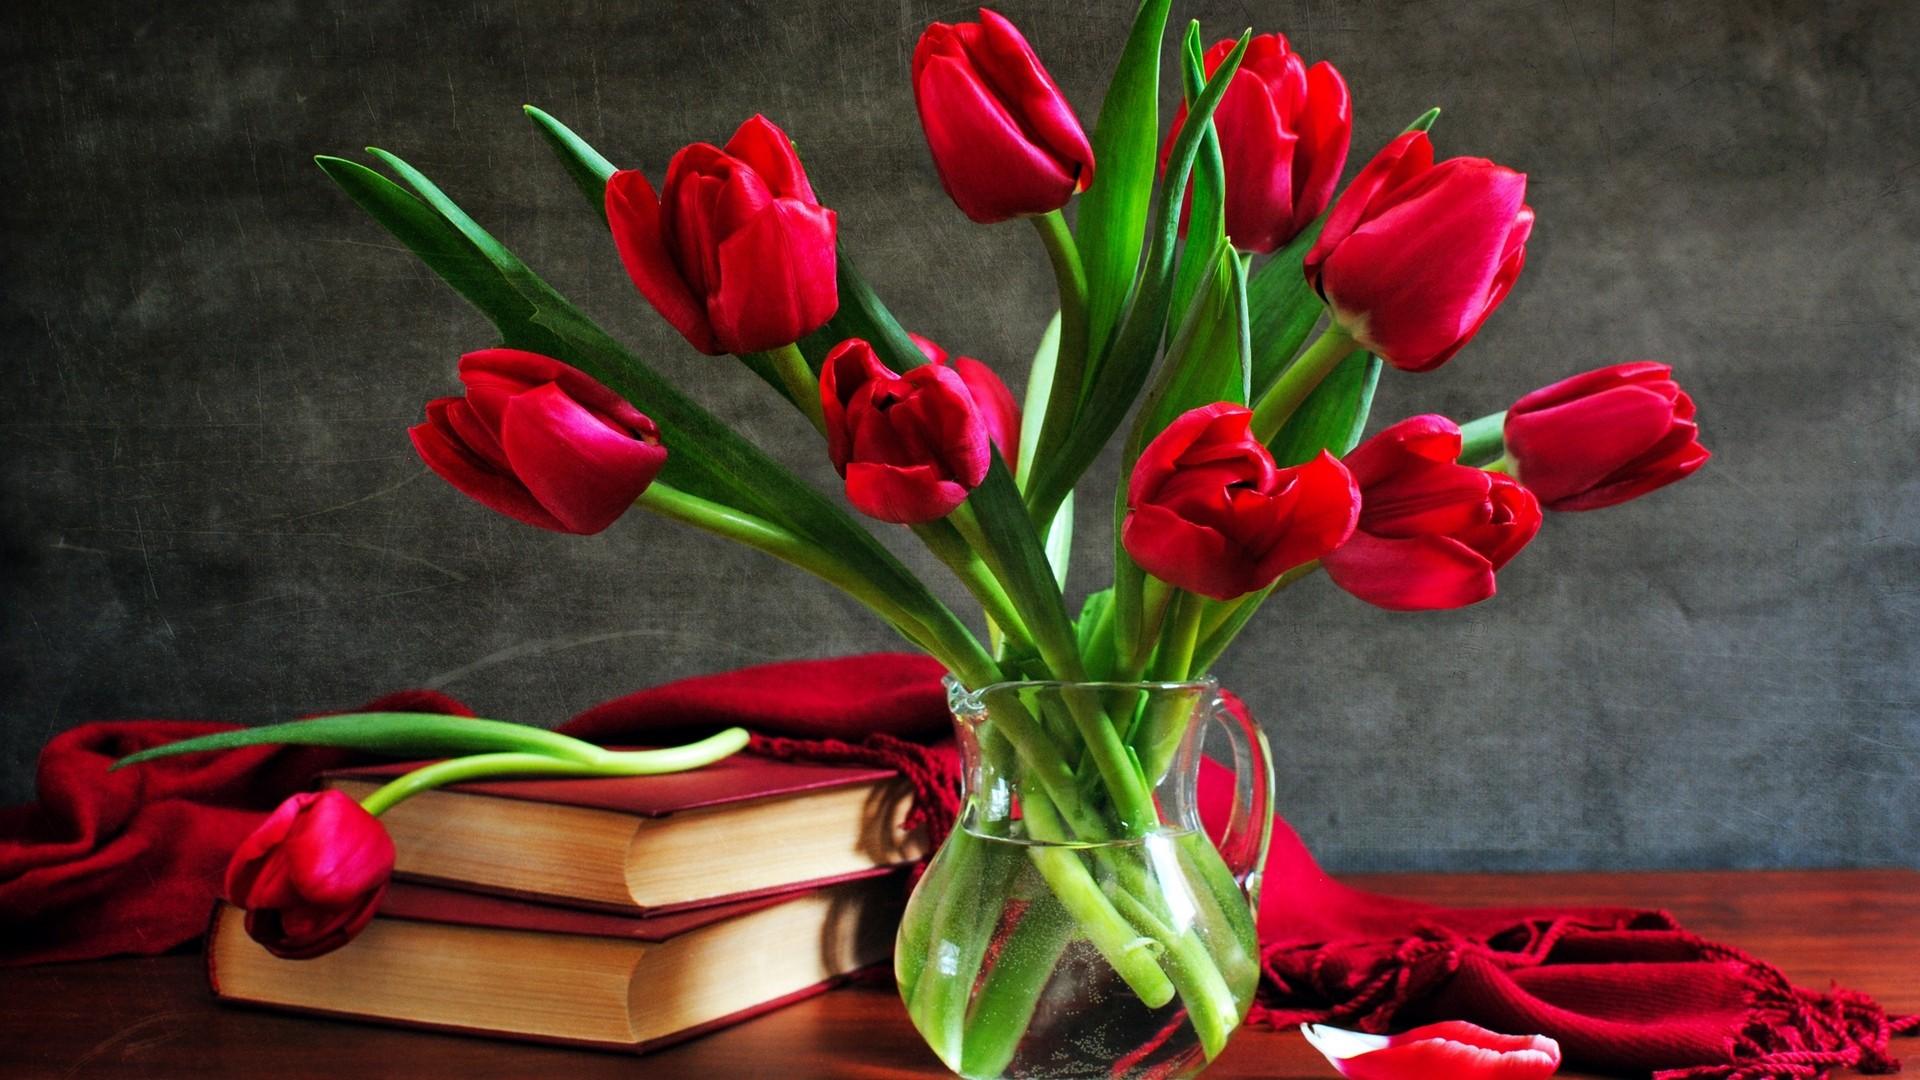 Women's Day Flower image hd